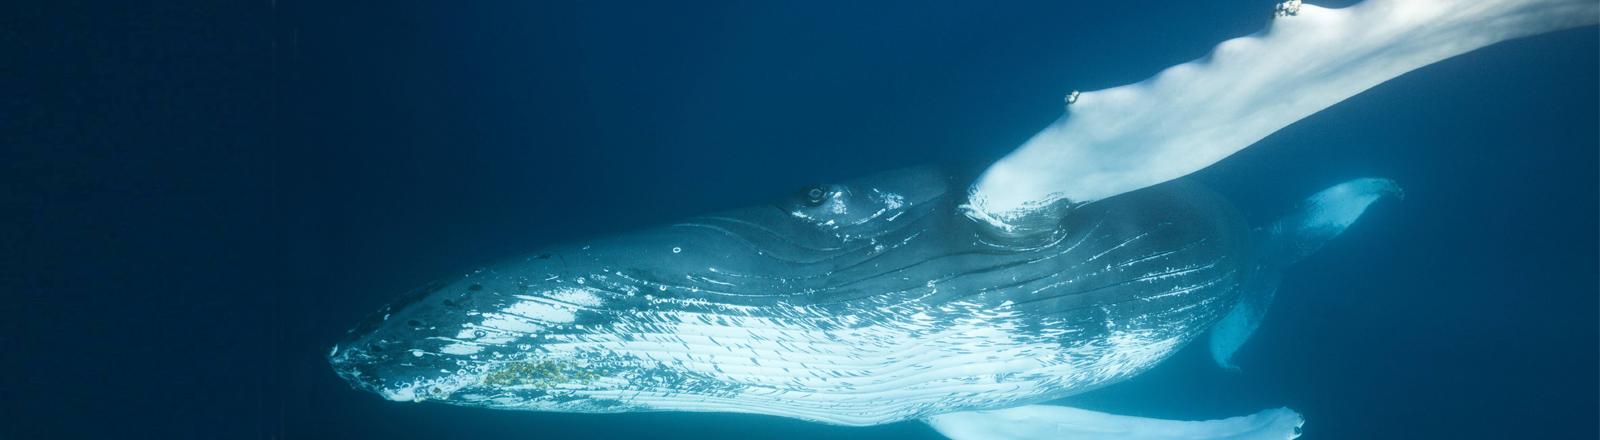 Buckelwal in der Karibik vor der Dominikanischen Republik.